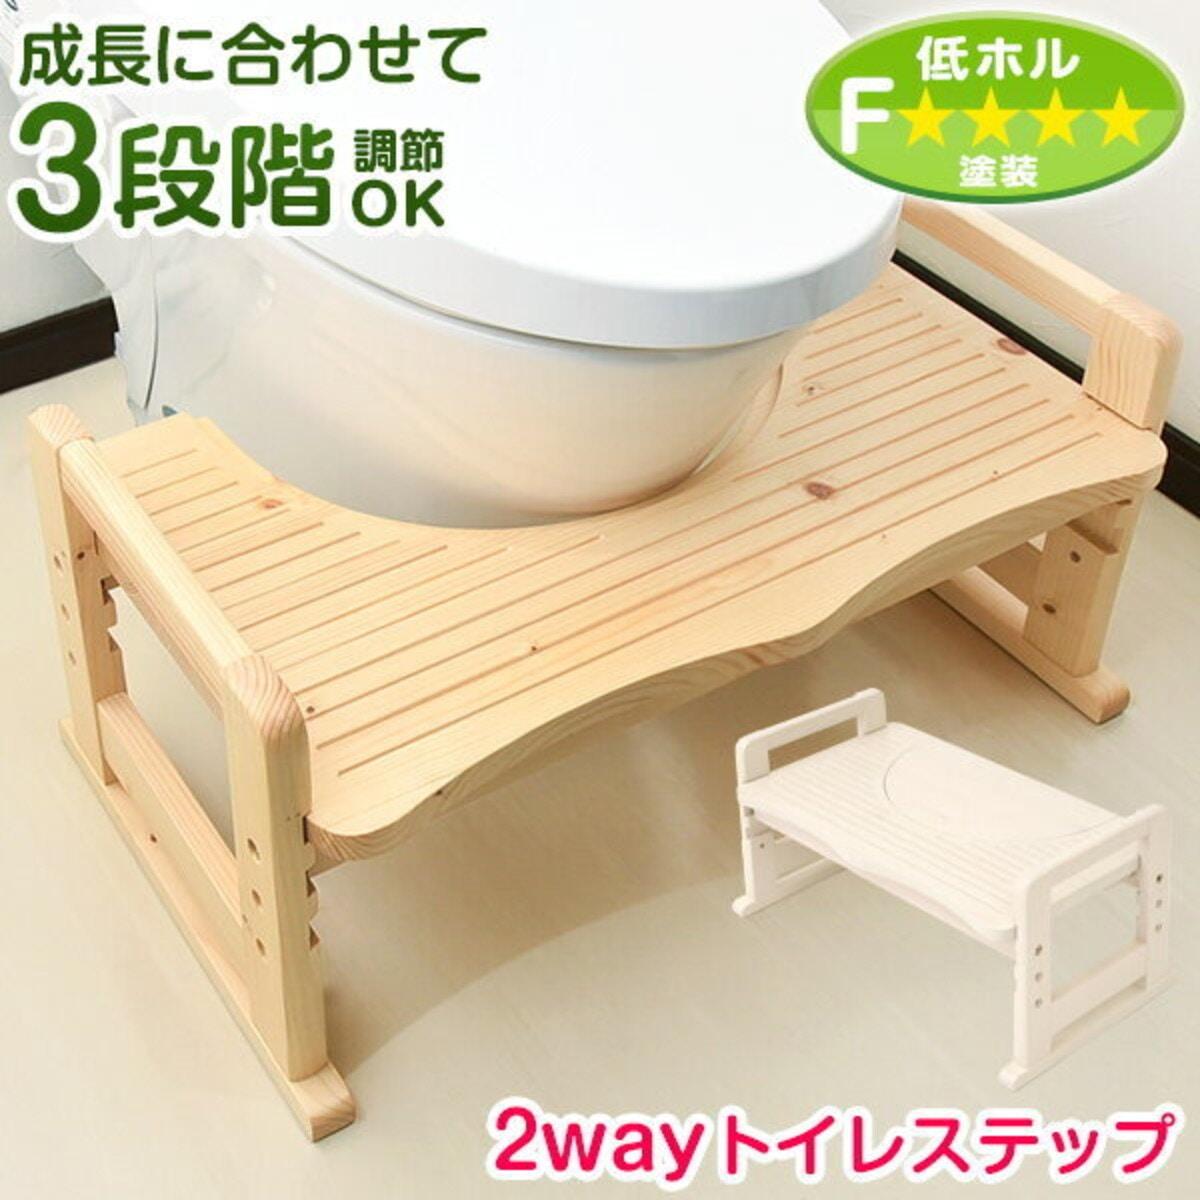 木製 トイレトレーニング ステップ台